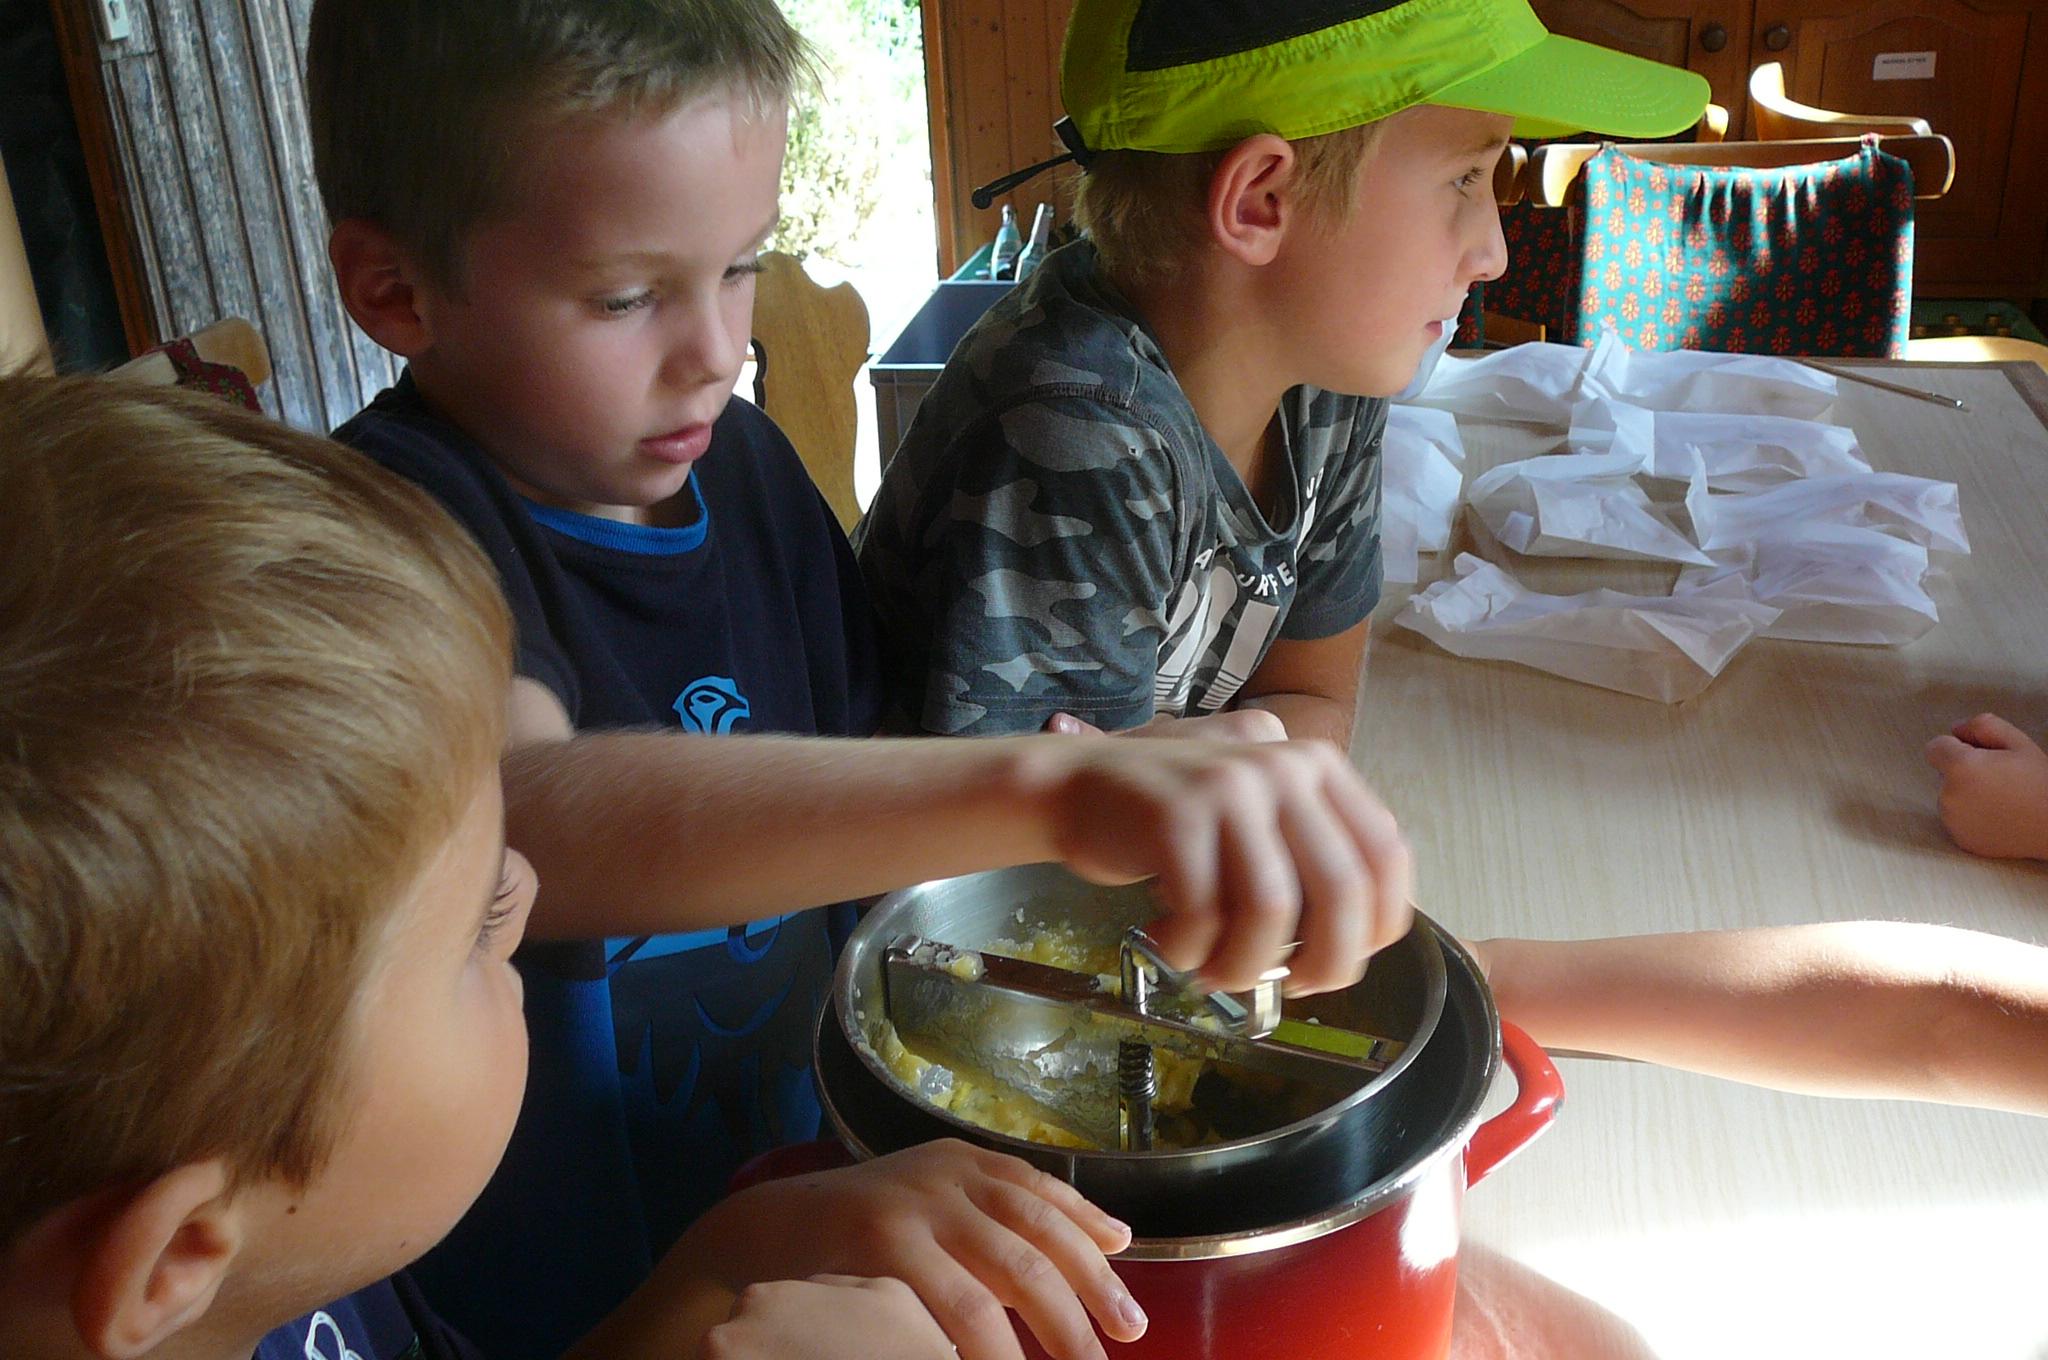 und kochen Apfelmus - hier wird fleissig die flotte Lotte gedreht -